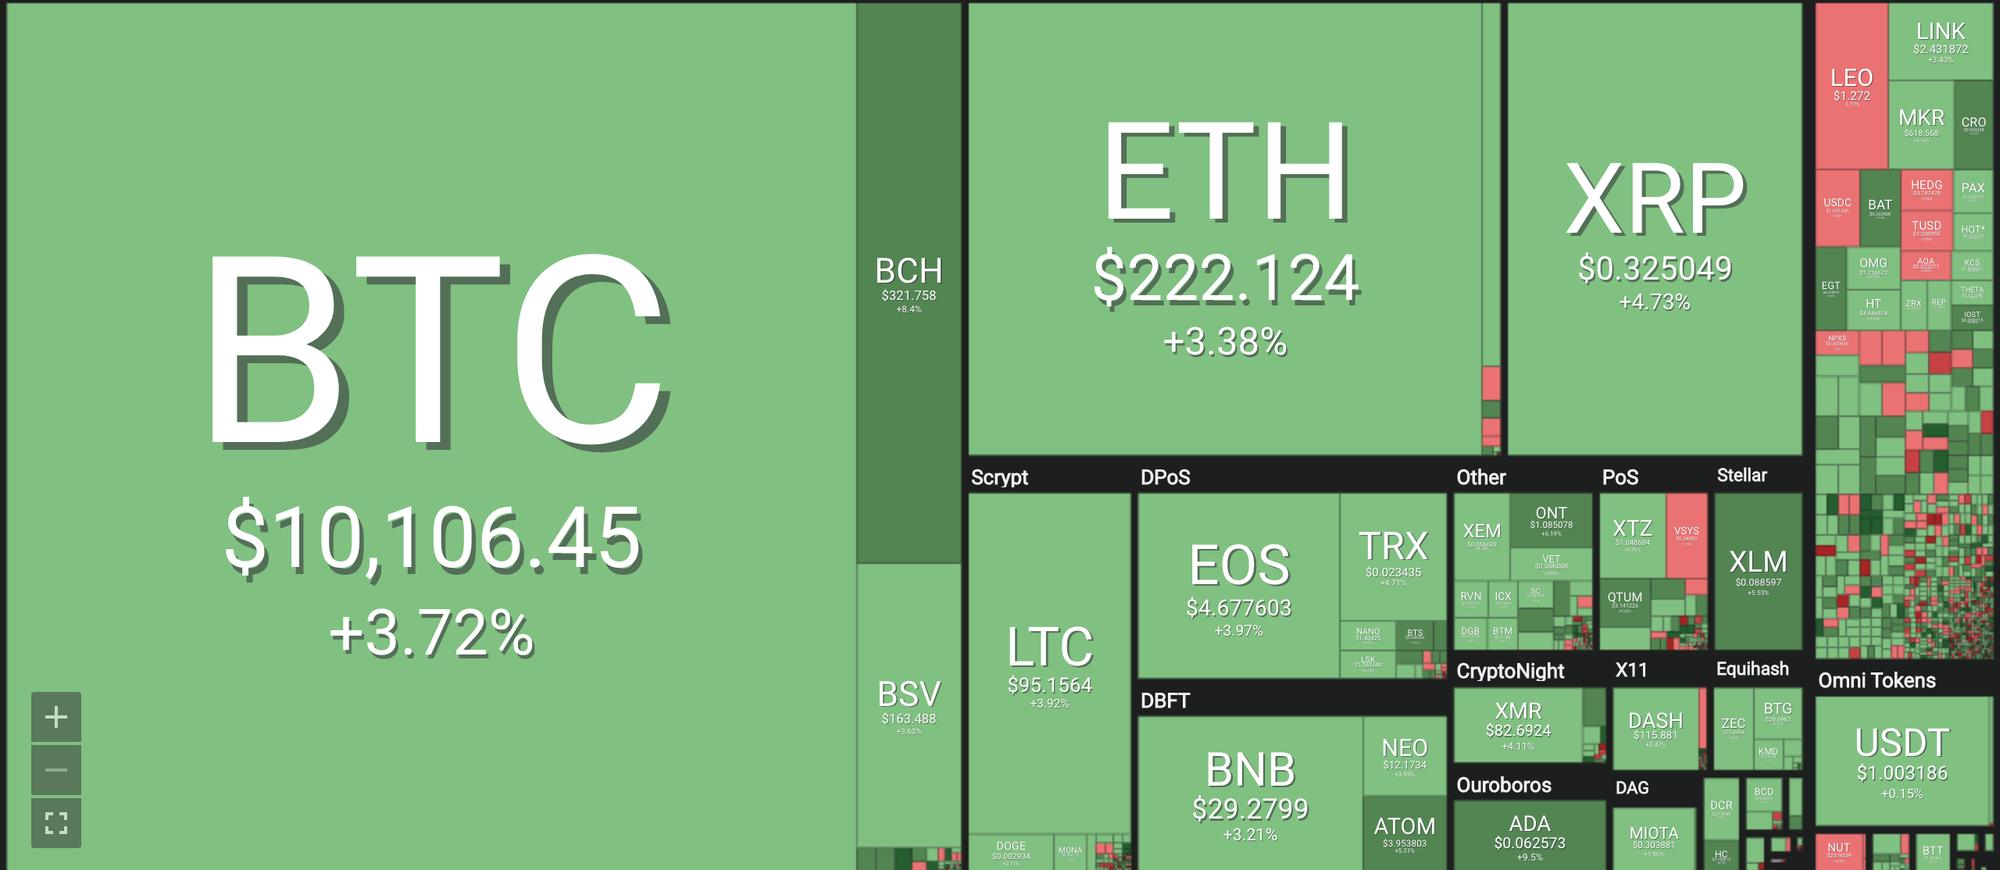 bitcoin - photo 1 15642296449271165178743 - Giá tiền ảo 27.7: Đua nhau bán tháo, Bitcoin rơi chạm đáy 5 tháng